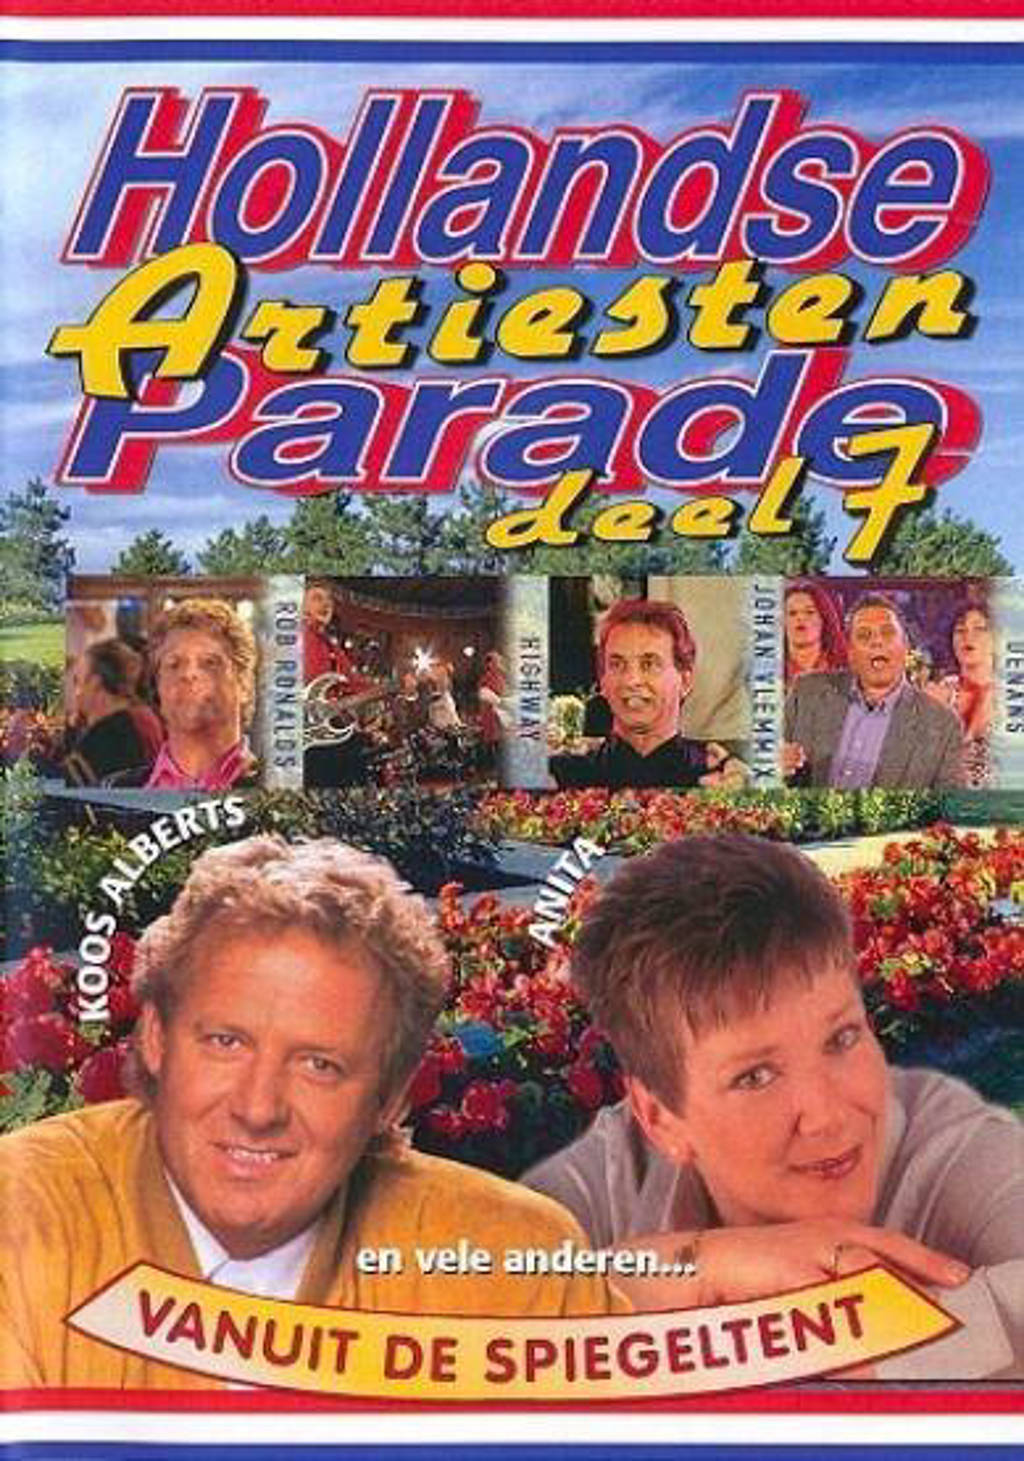 Hollandse artiesten parade 7 (DVD)